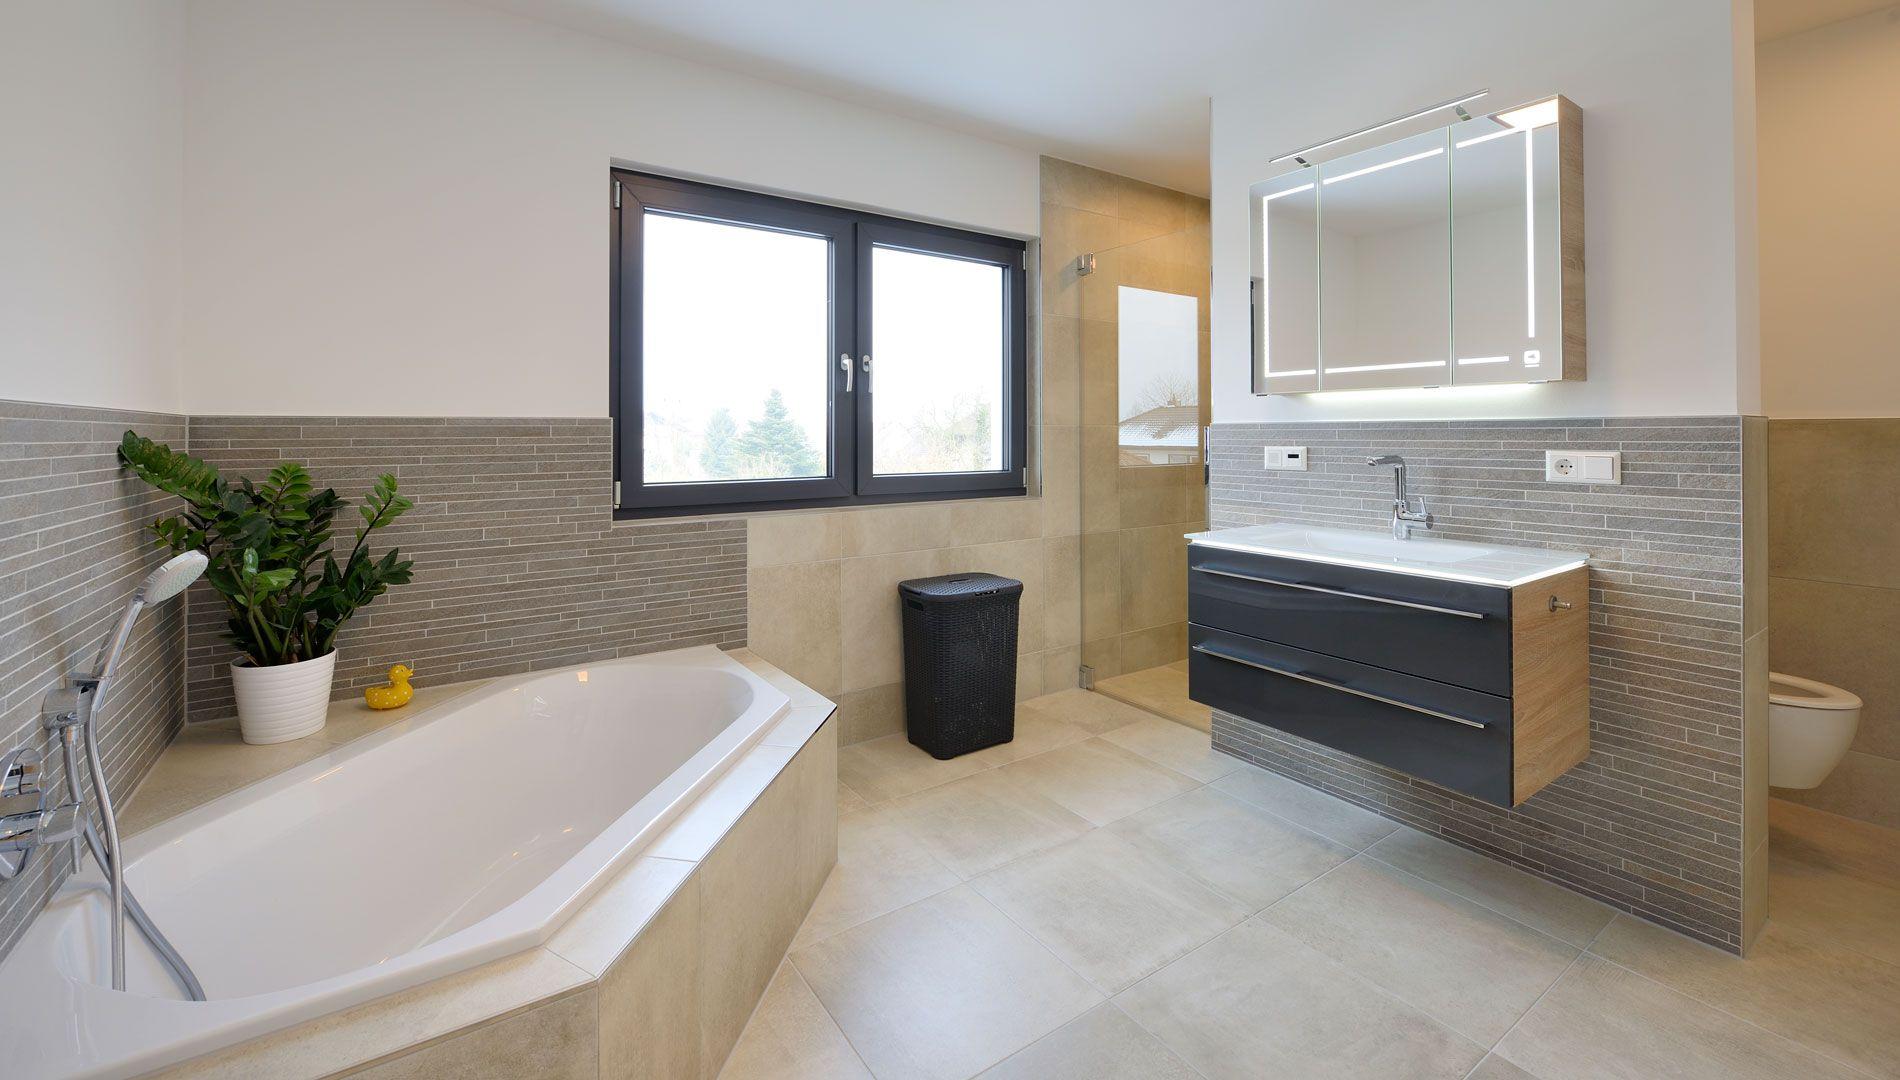 Haus Schmidt Bad mit Badewanne und Dusche